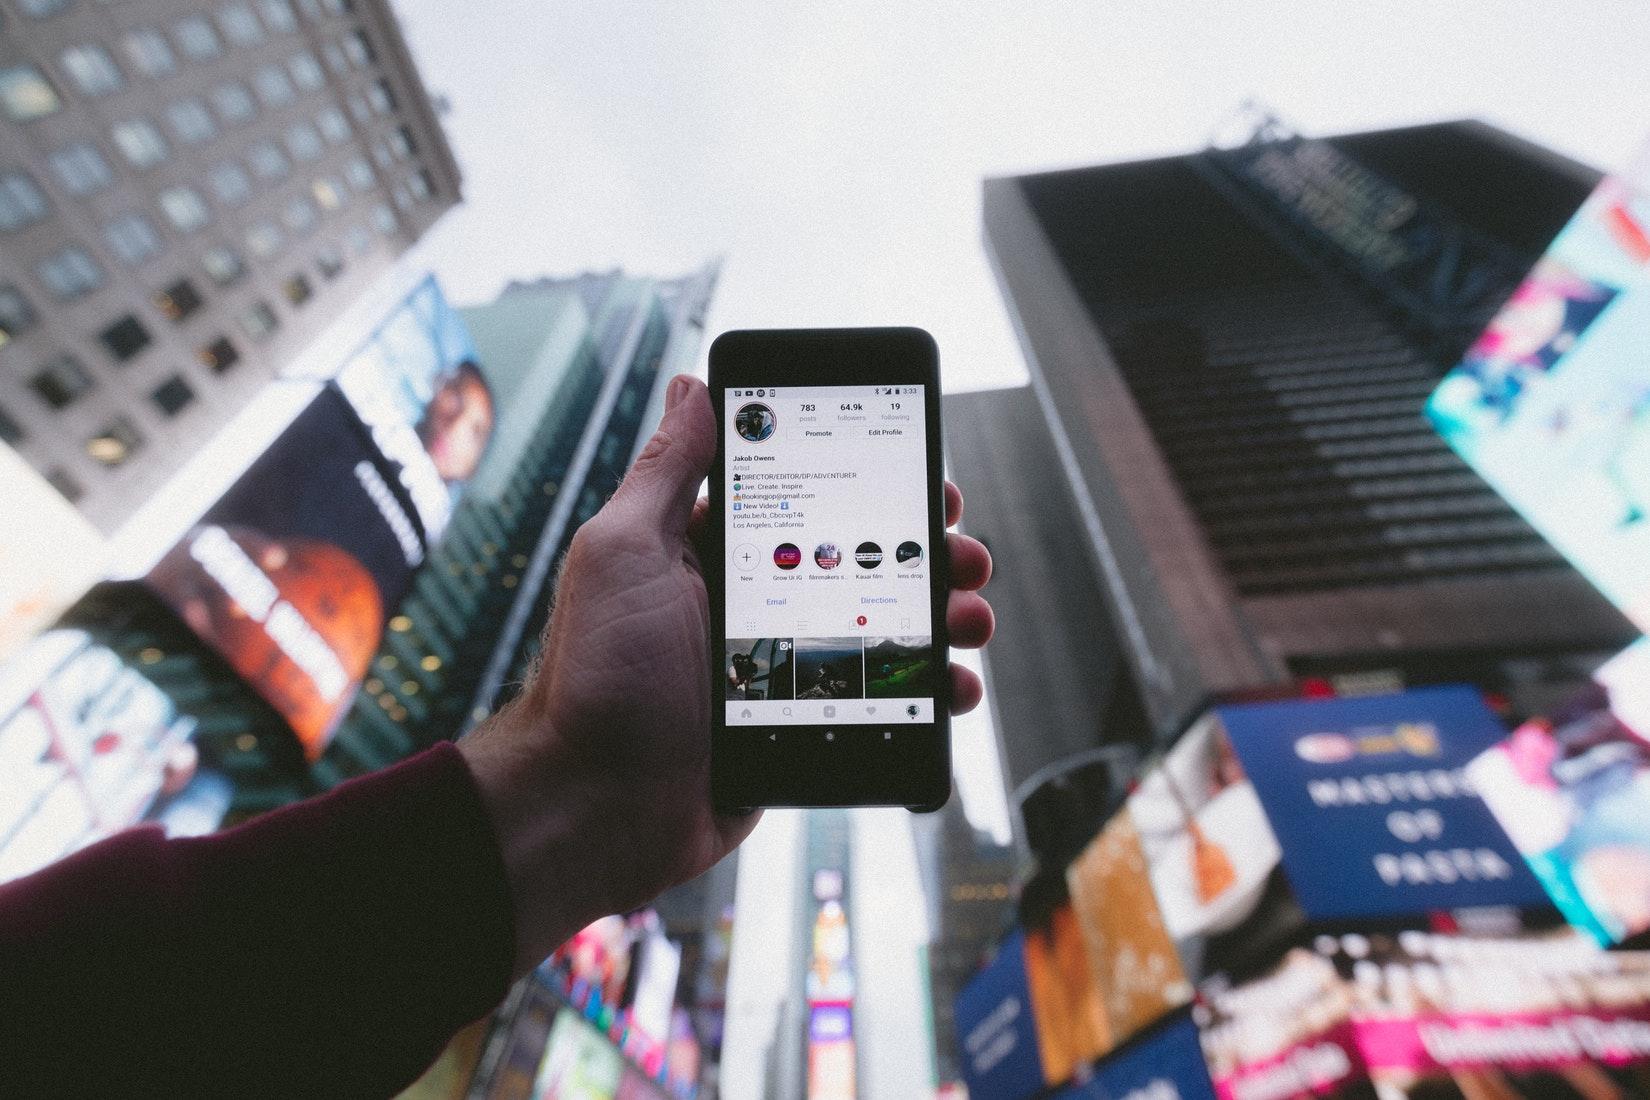 Появилось приложение, позволяющее заказать авиабилеты по фотографии из Instagram